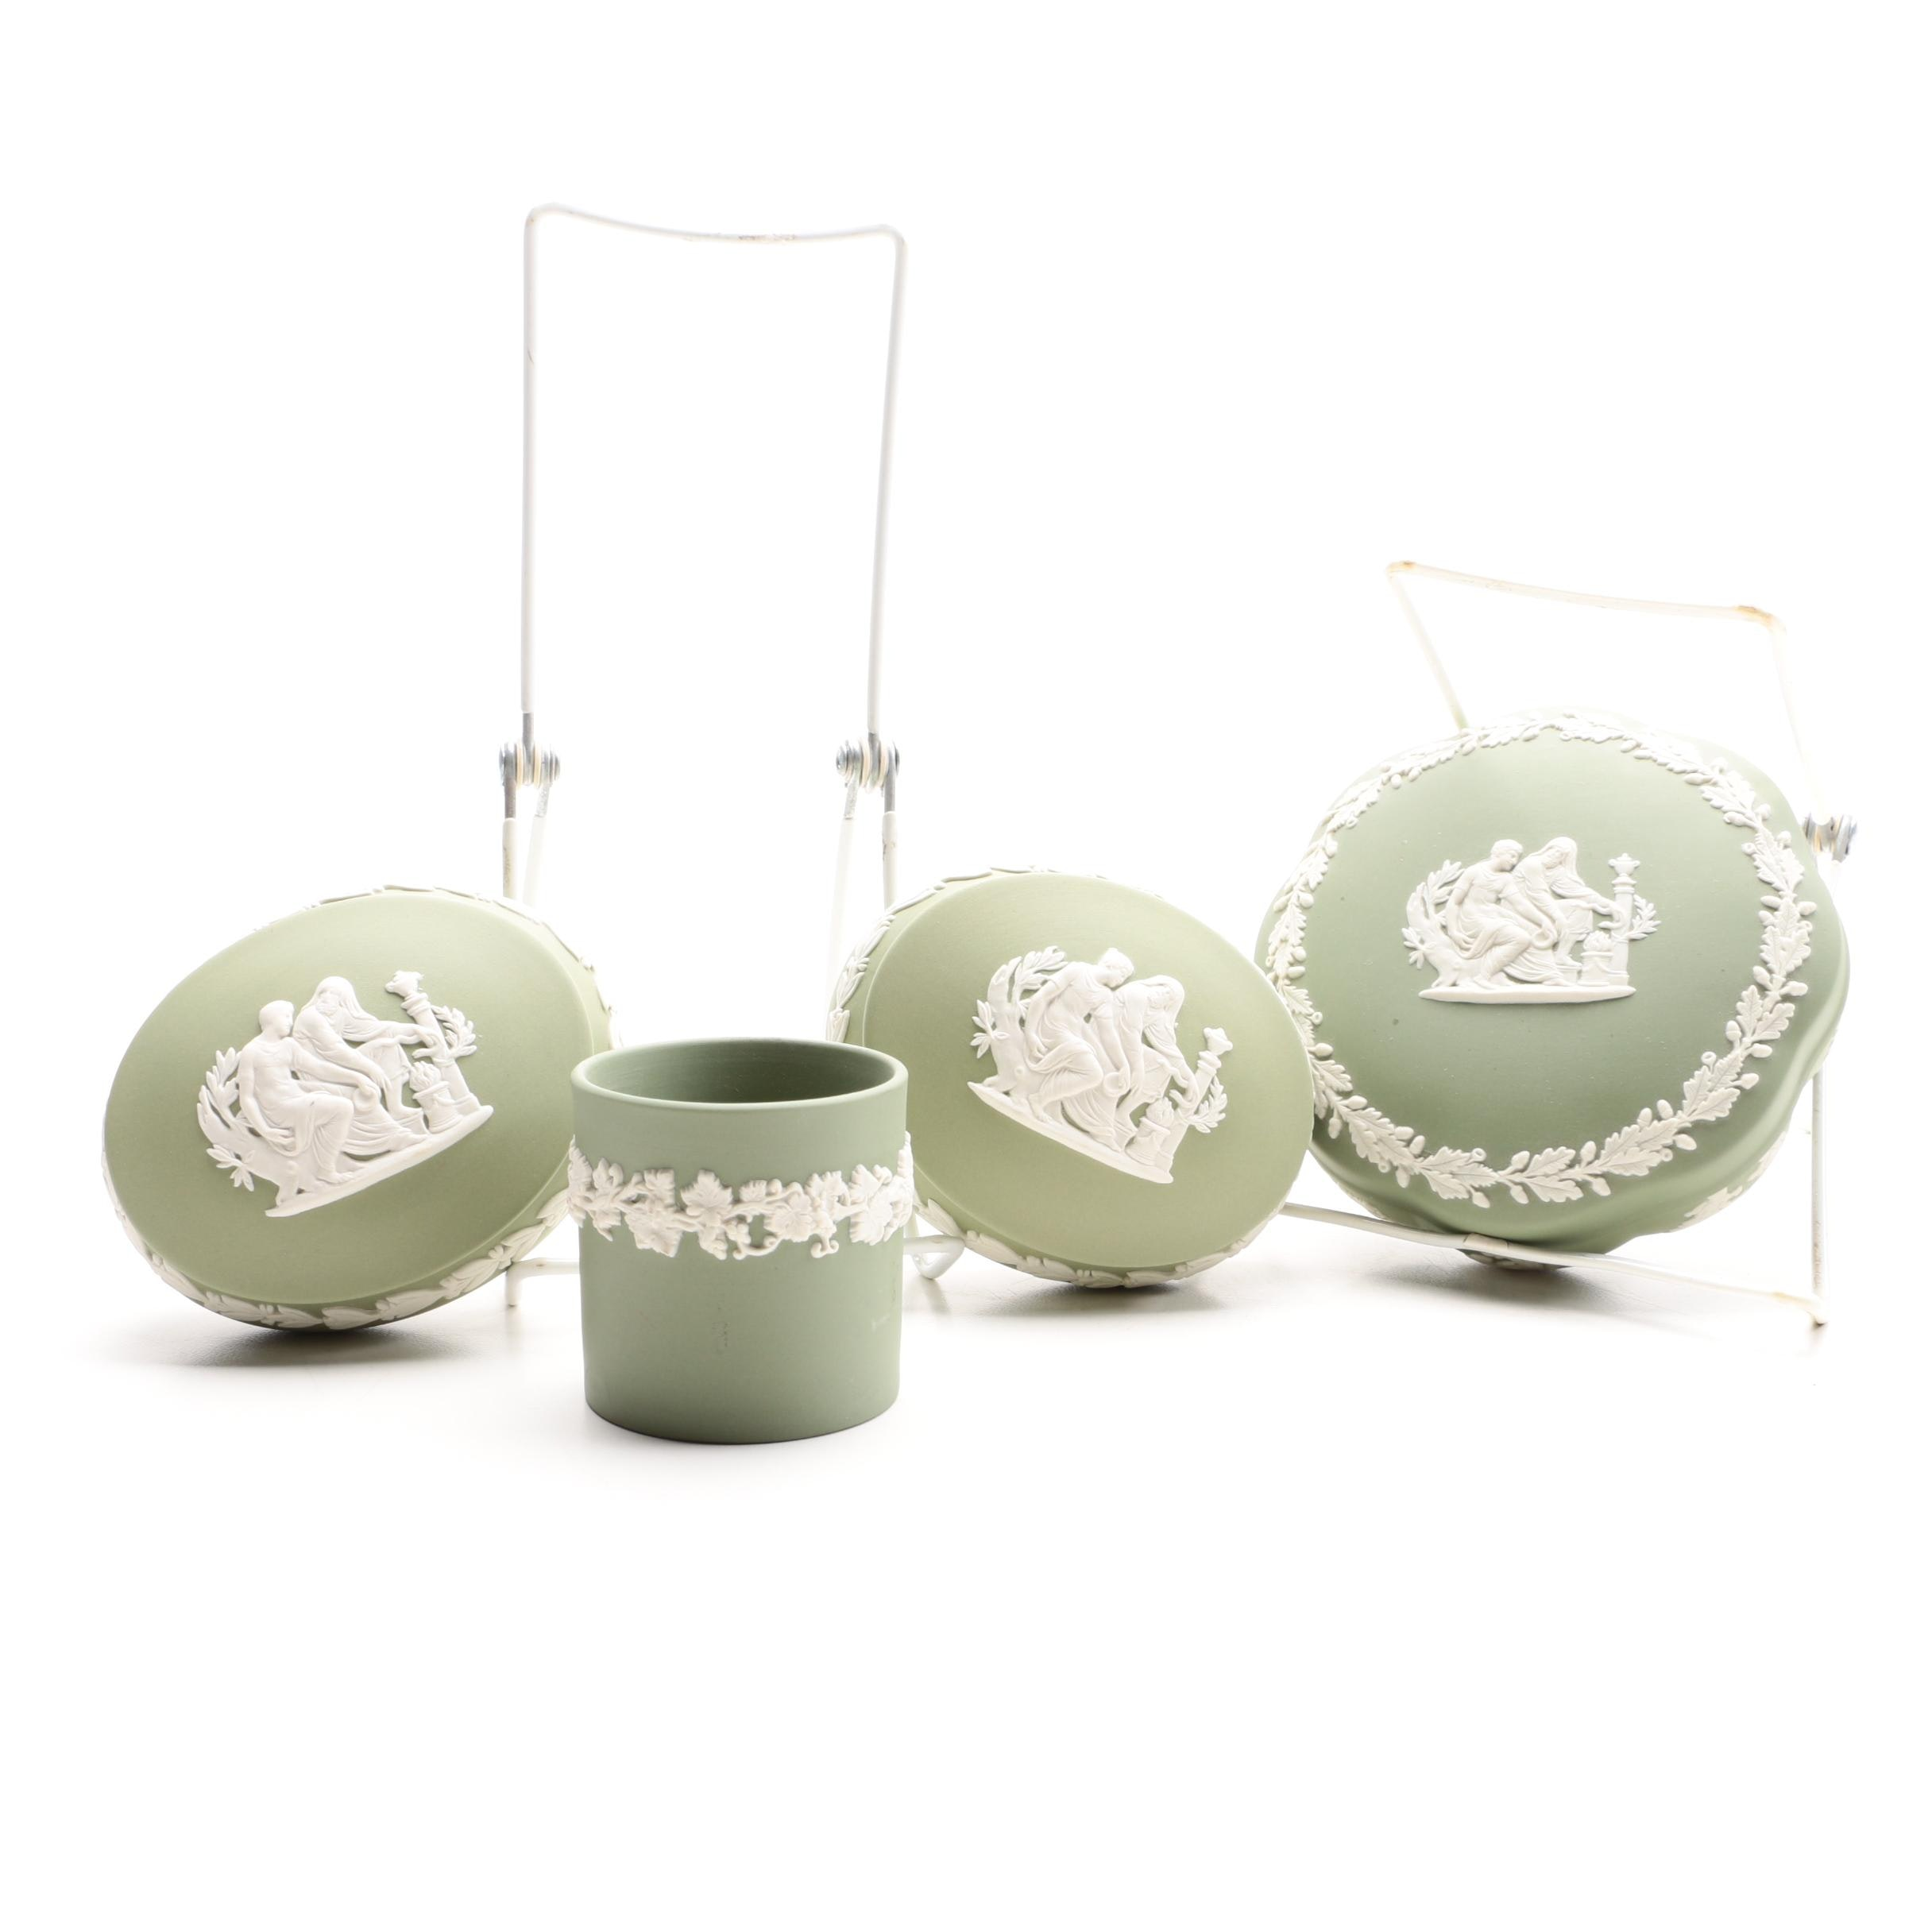 Wedgwood Celadon Jasperware